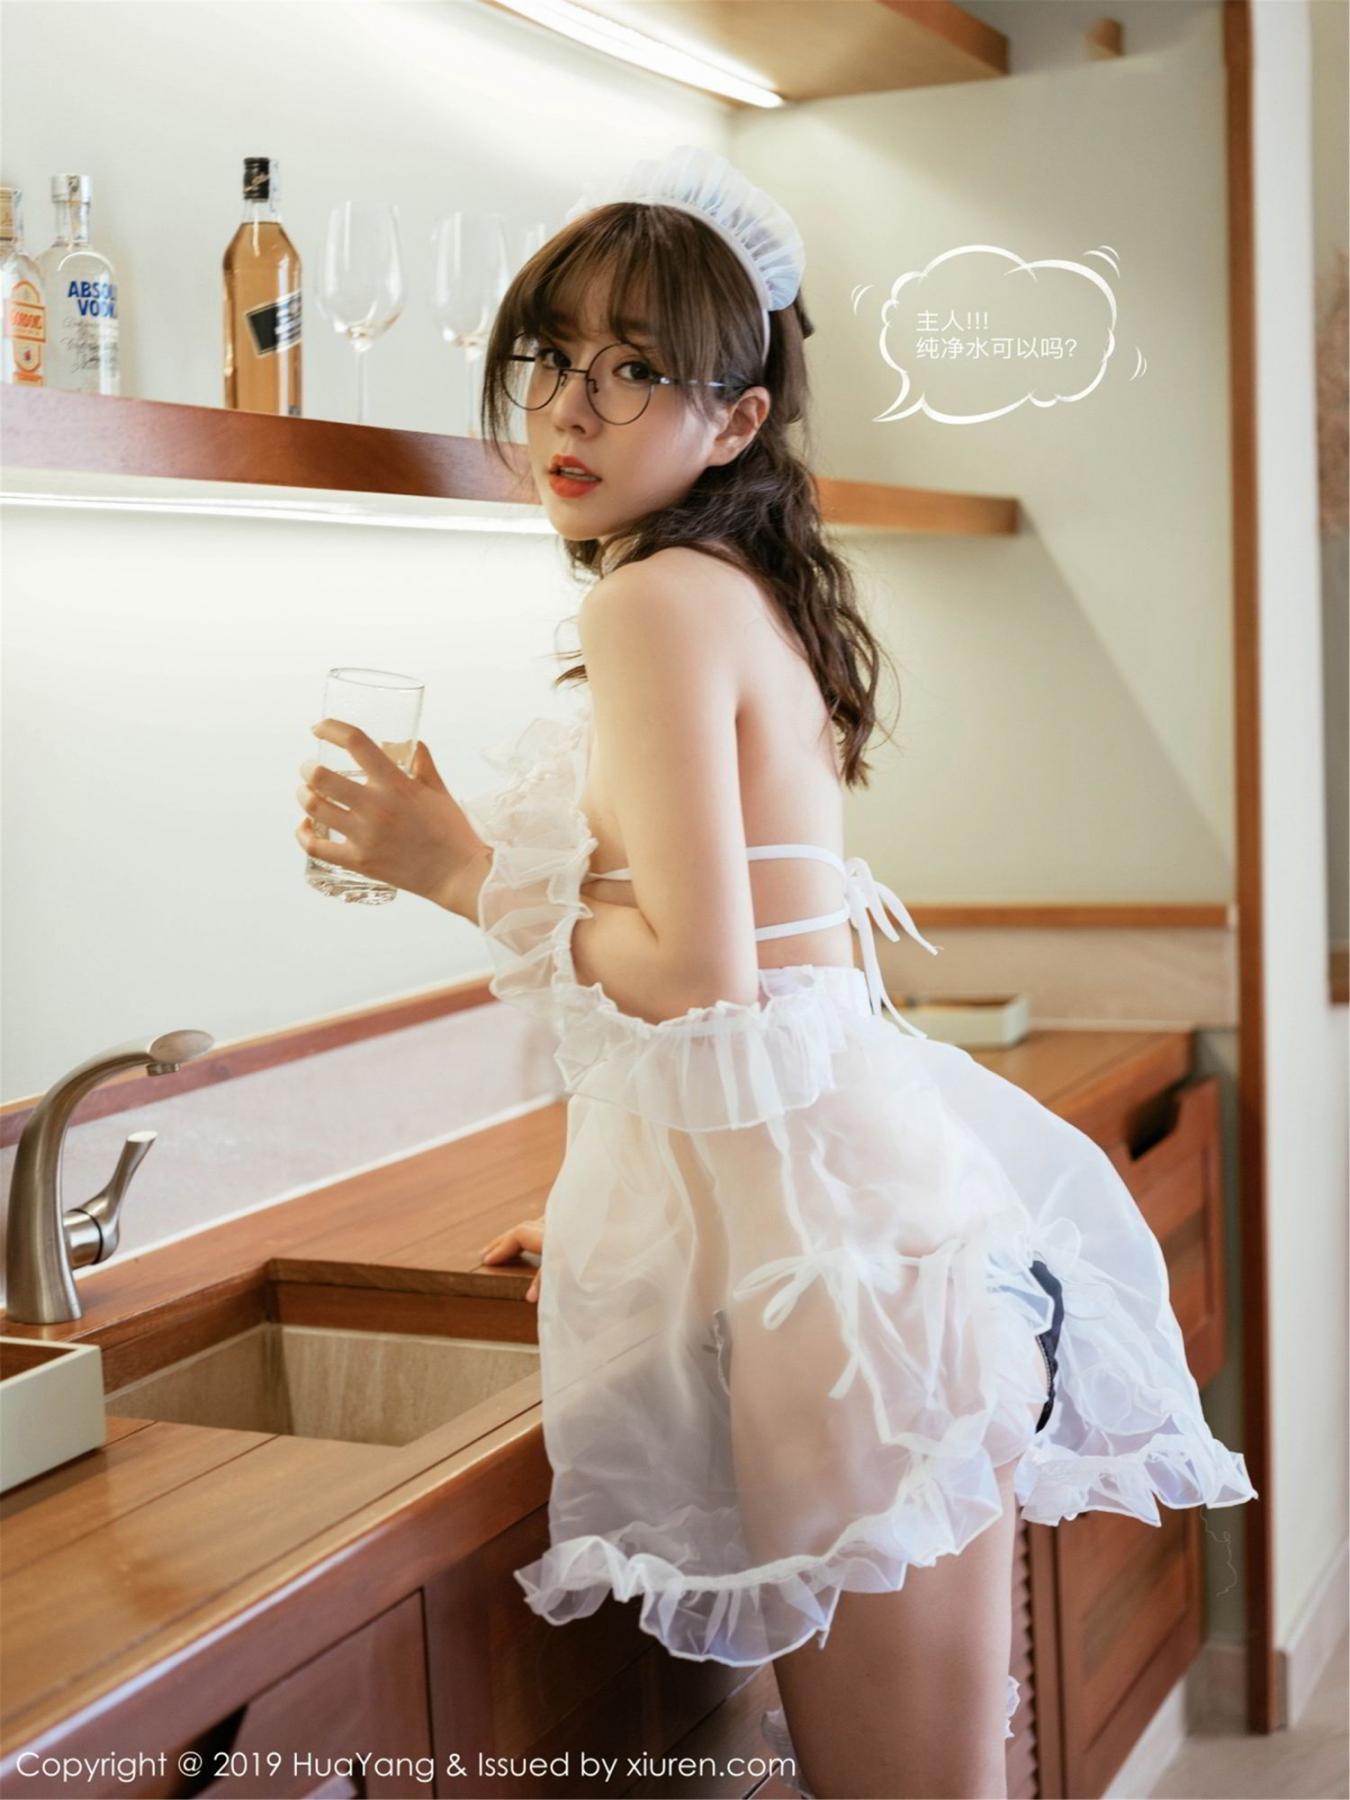 [Huayang] Vol.133 Wang Yu Chun 7P, HuaYang, Maid, Underwear, Wang Yu Chun